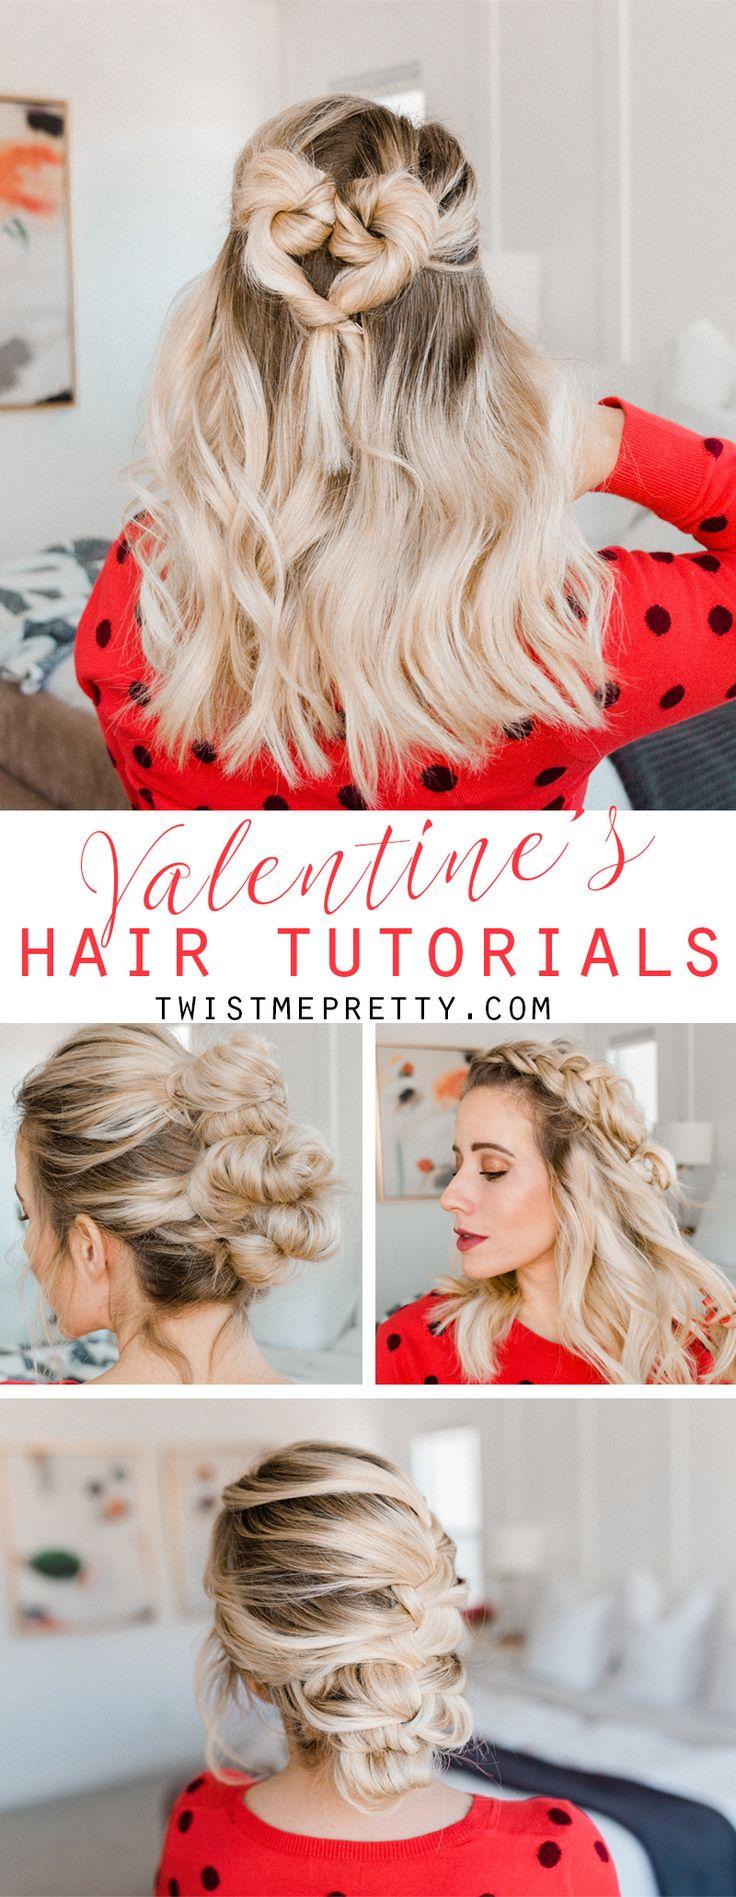 4 EASY Valentine's Hair Tutorials